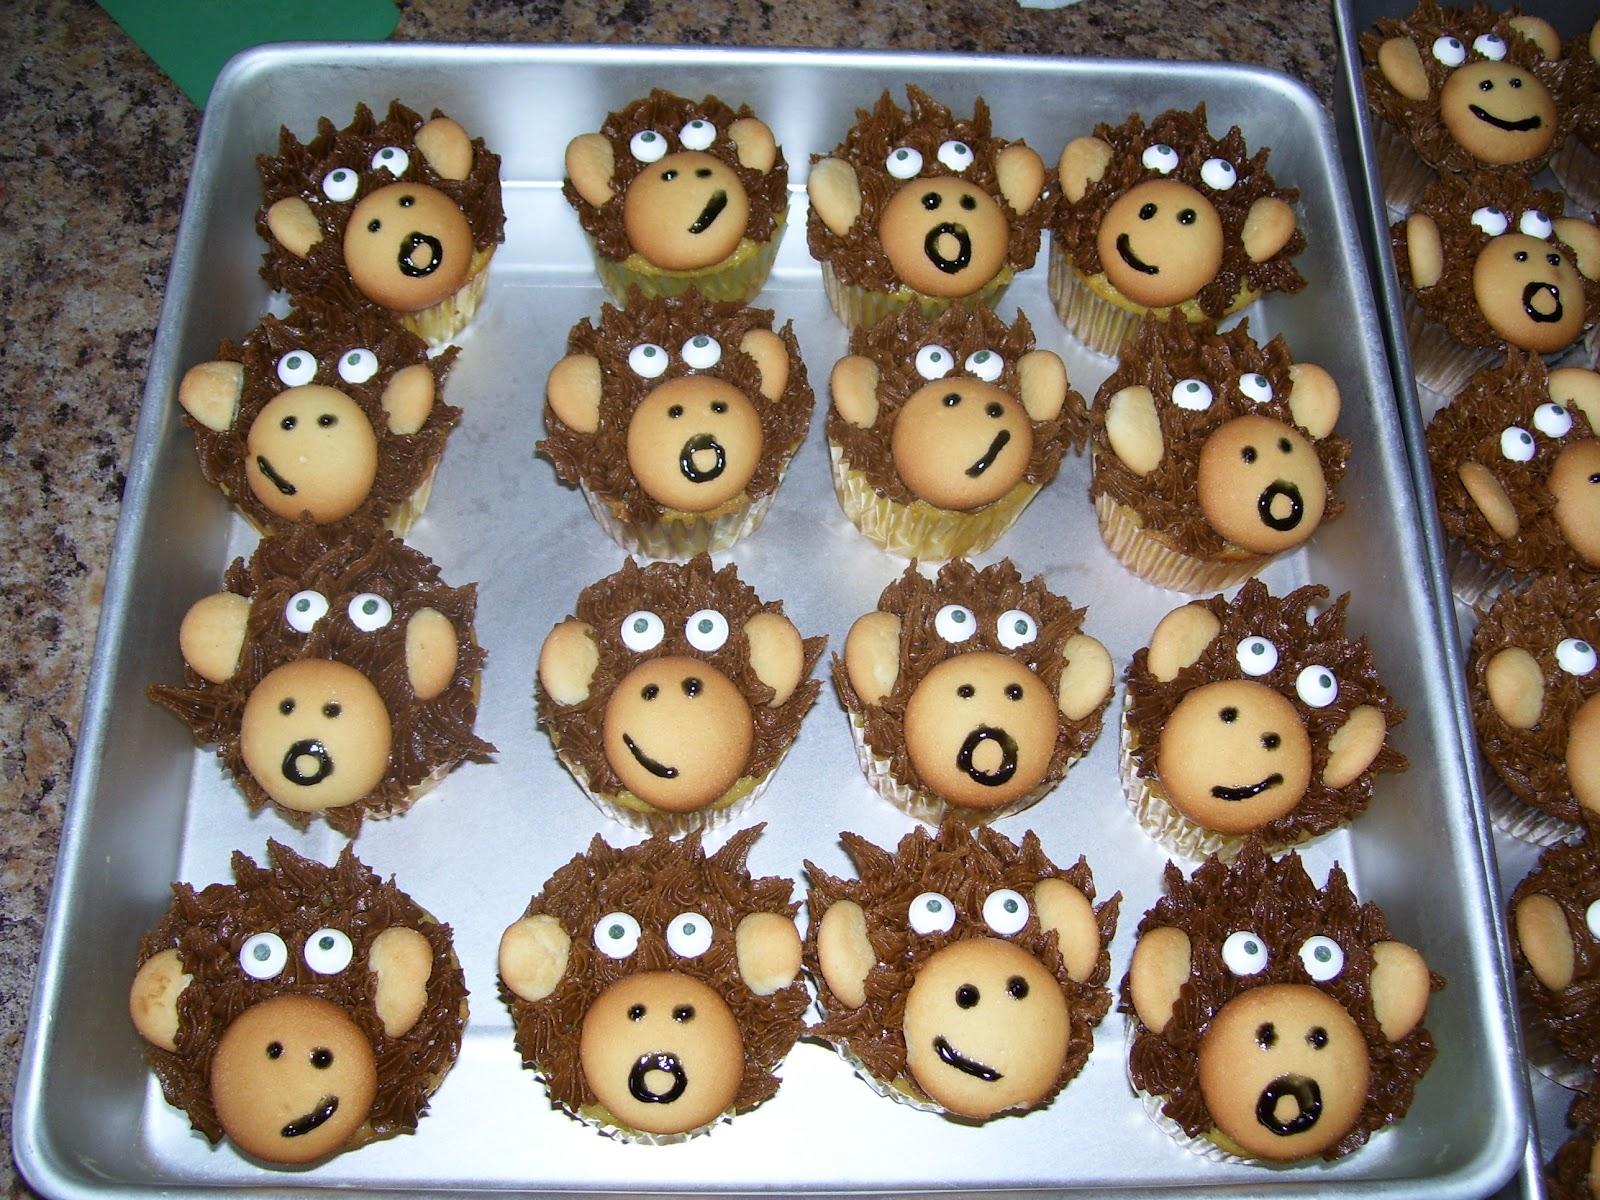 Bena S Bakes Monkey Cupcakes